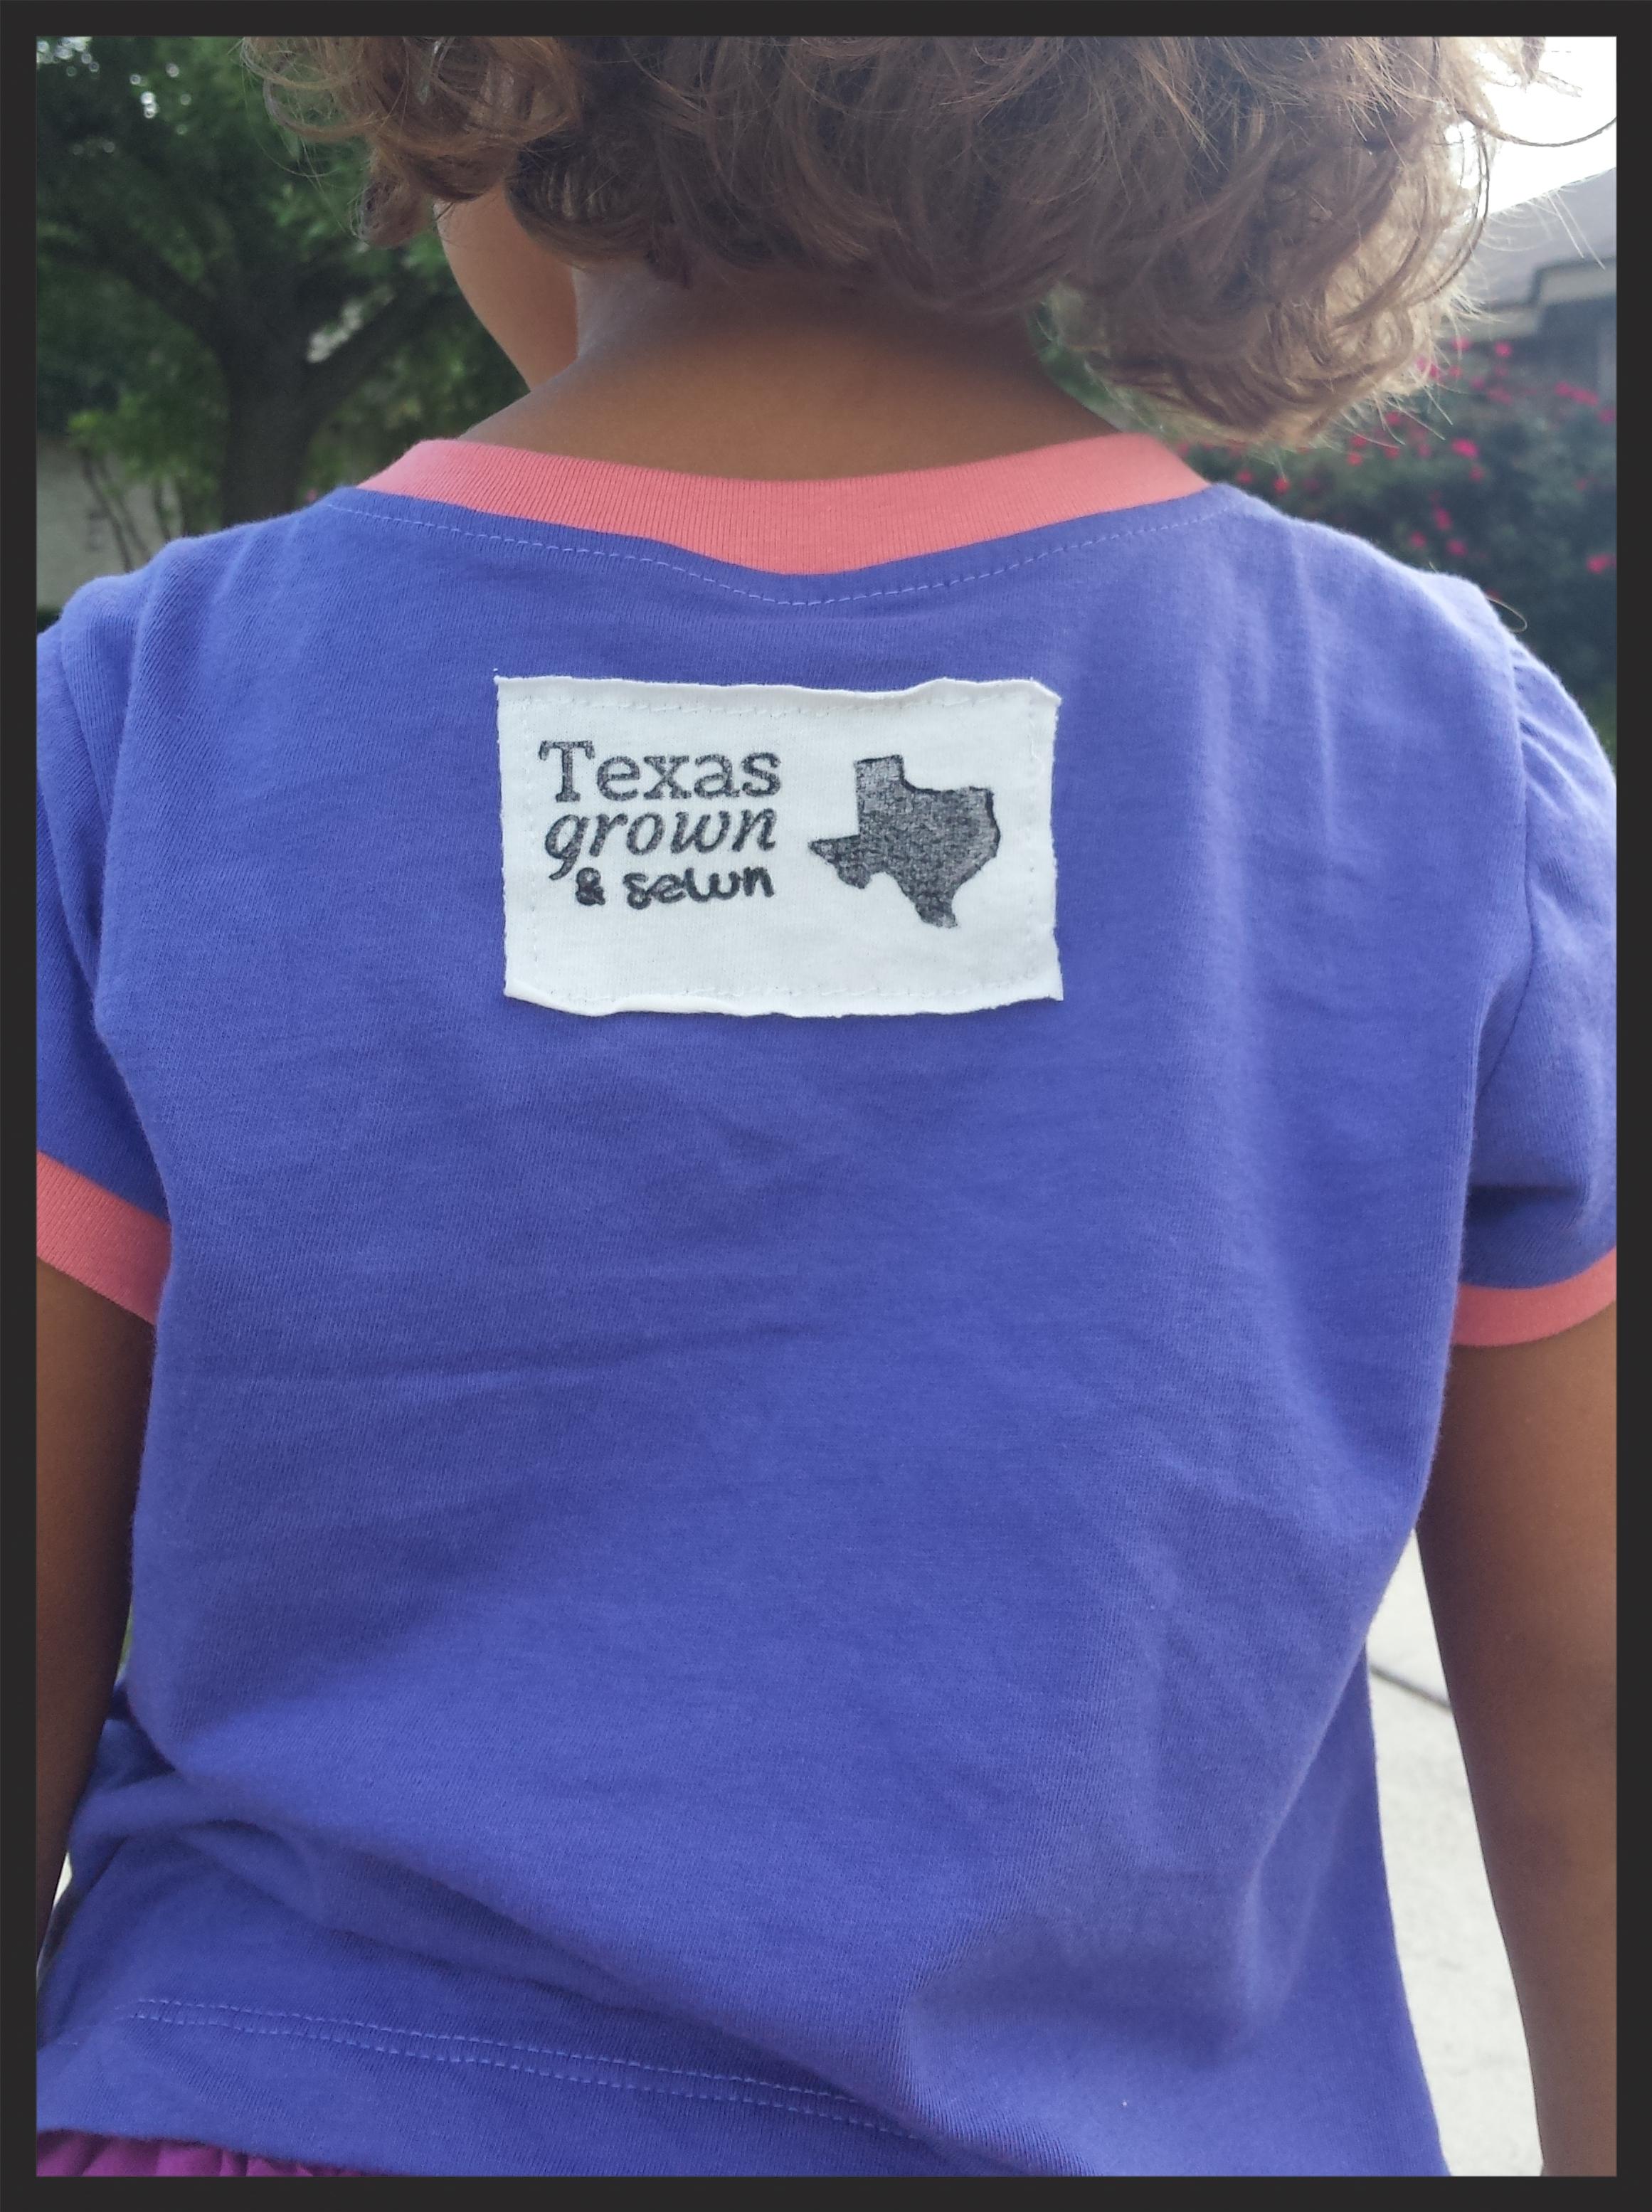 Texas grown and sewn tshirt tee